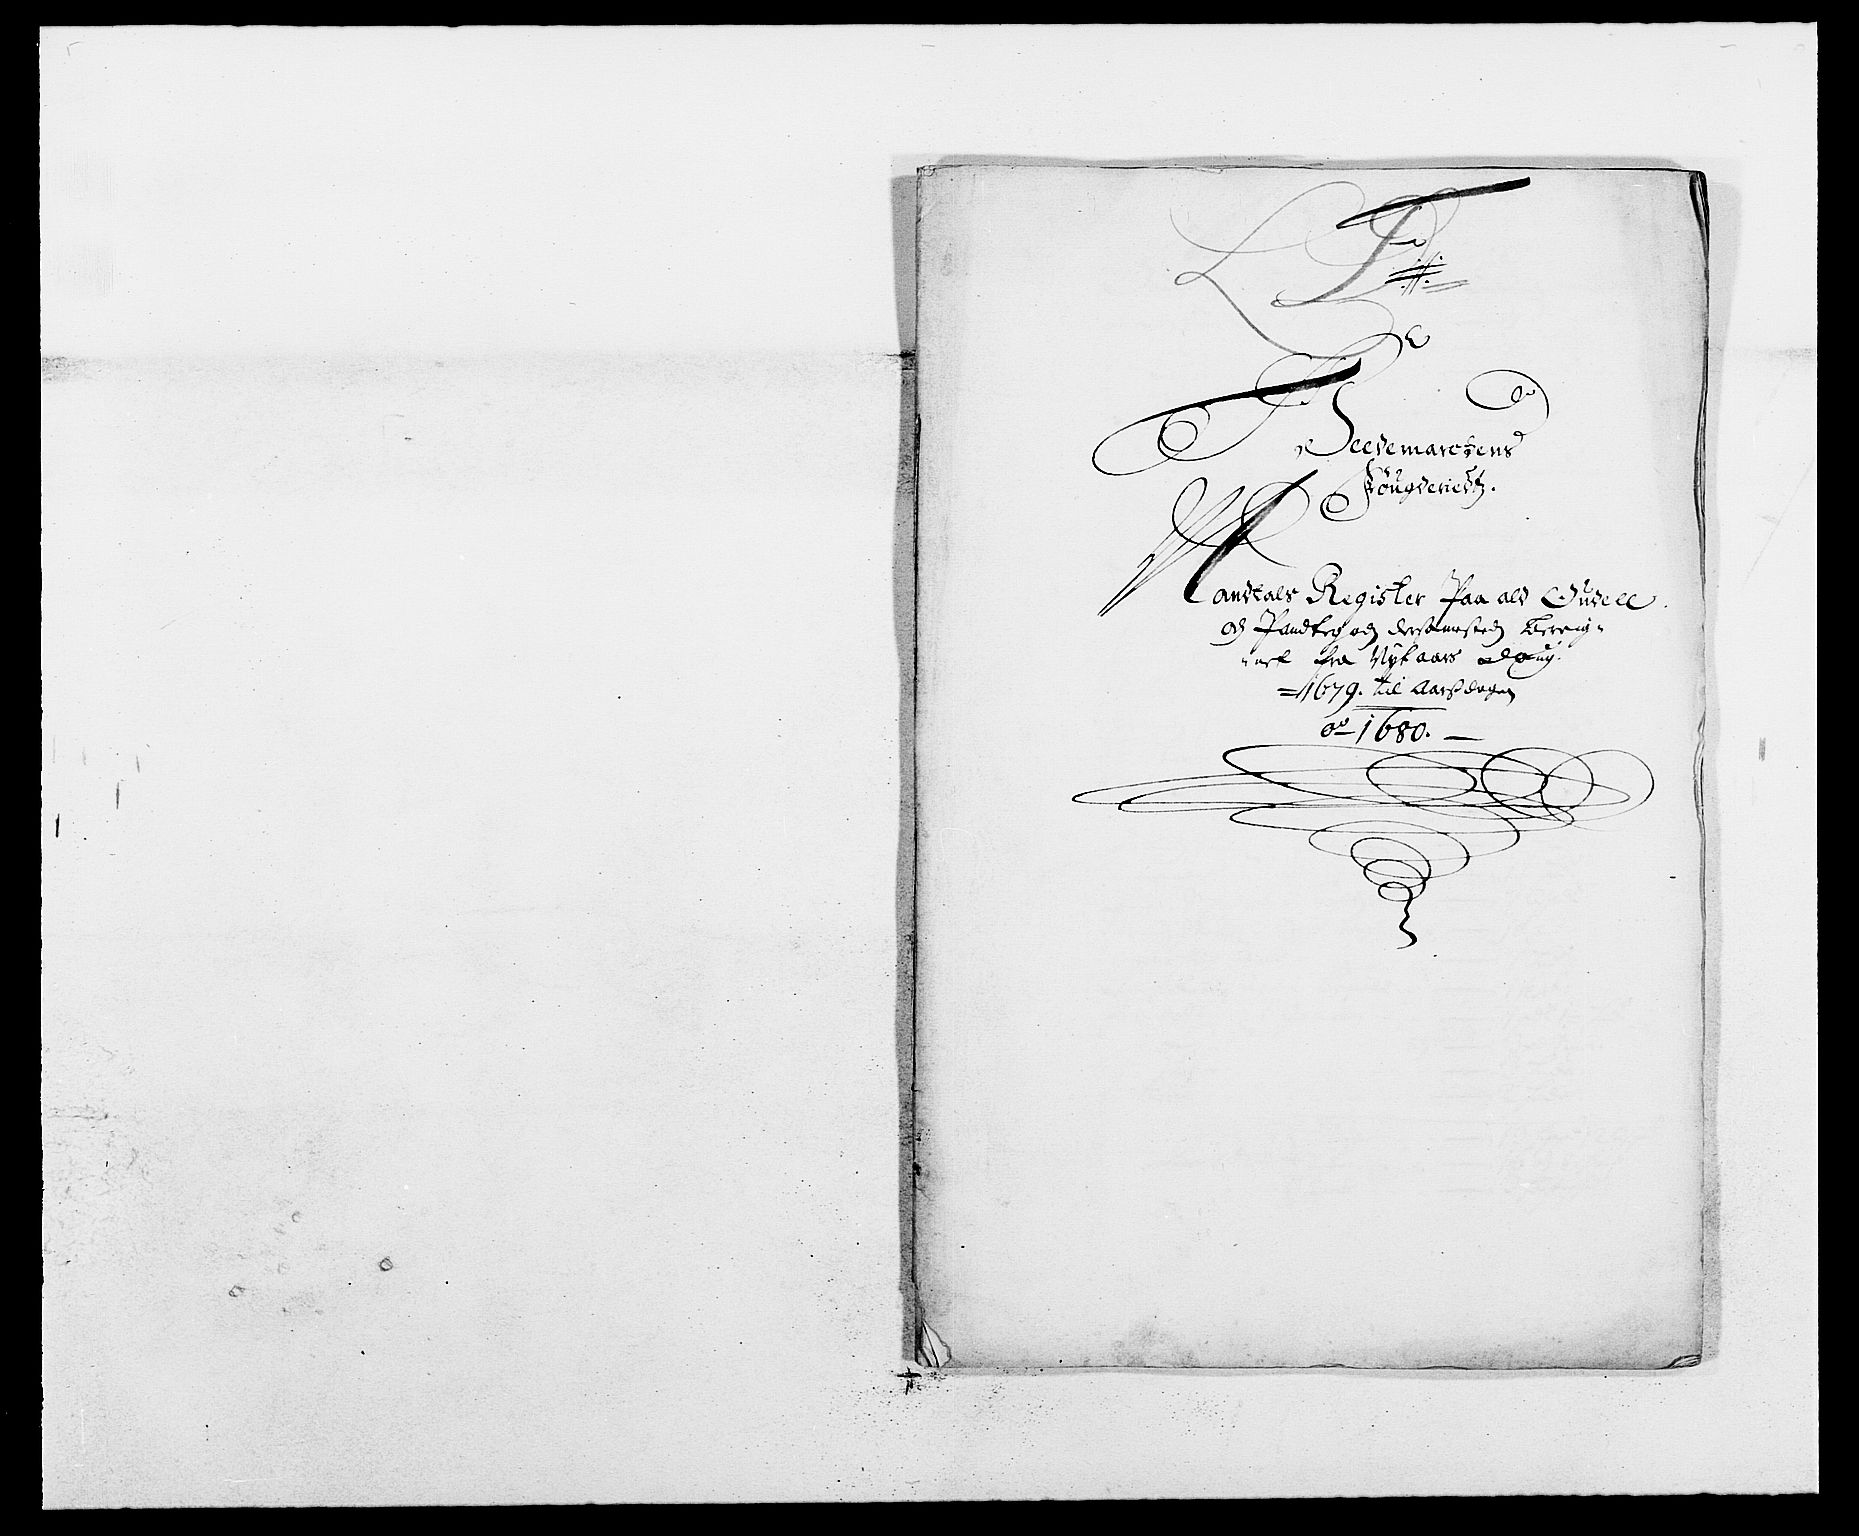 RA, Rentekammeret inntil 1814, Reviderte regnskaper, Fogderegnskap, R16/L1018: Fogderegnskap Hedmark, 1678-1679, s. 204